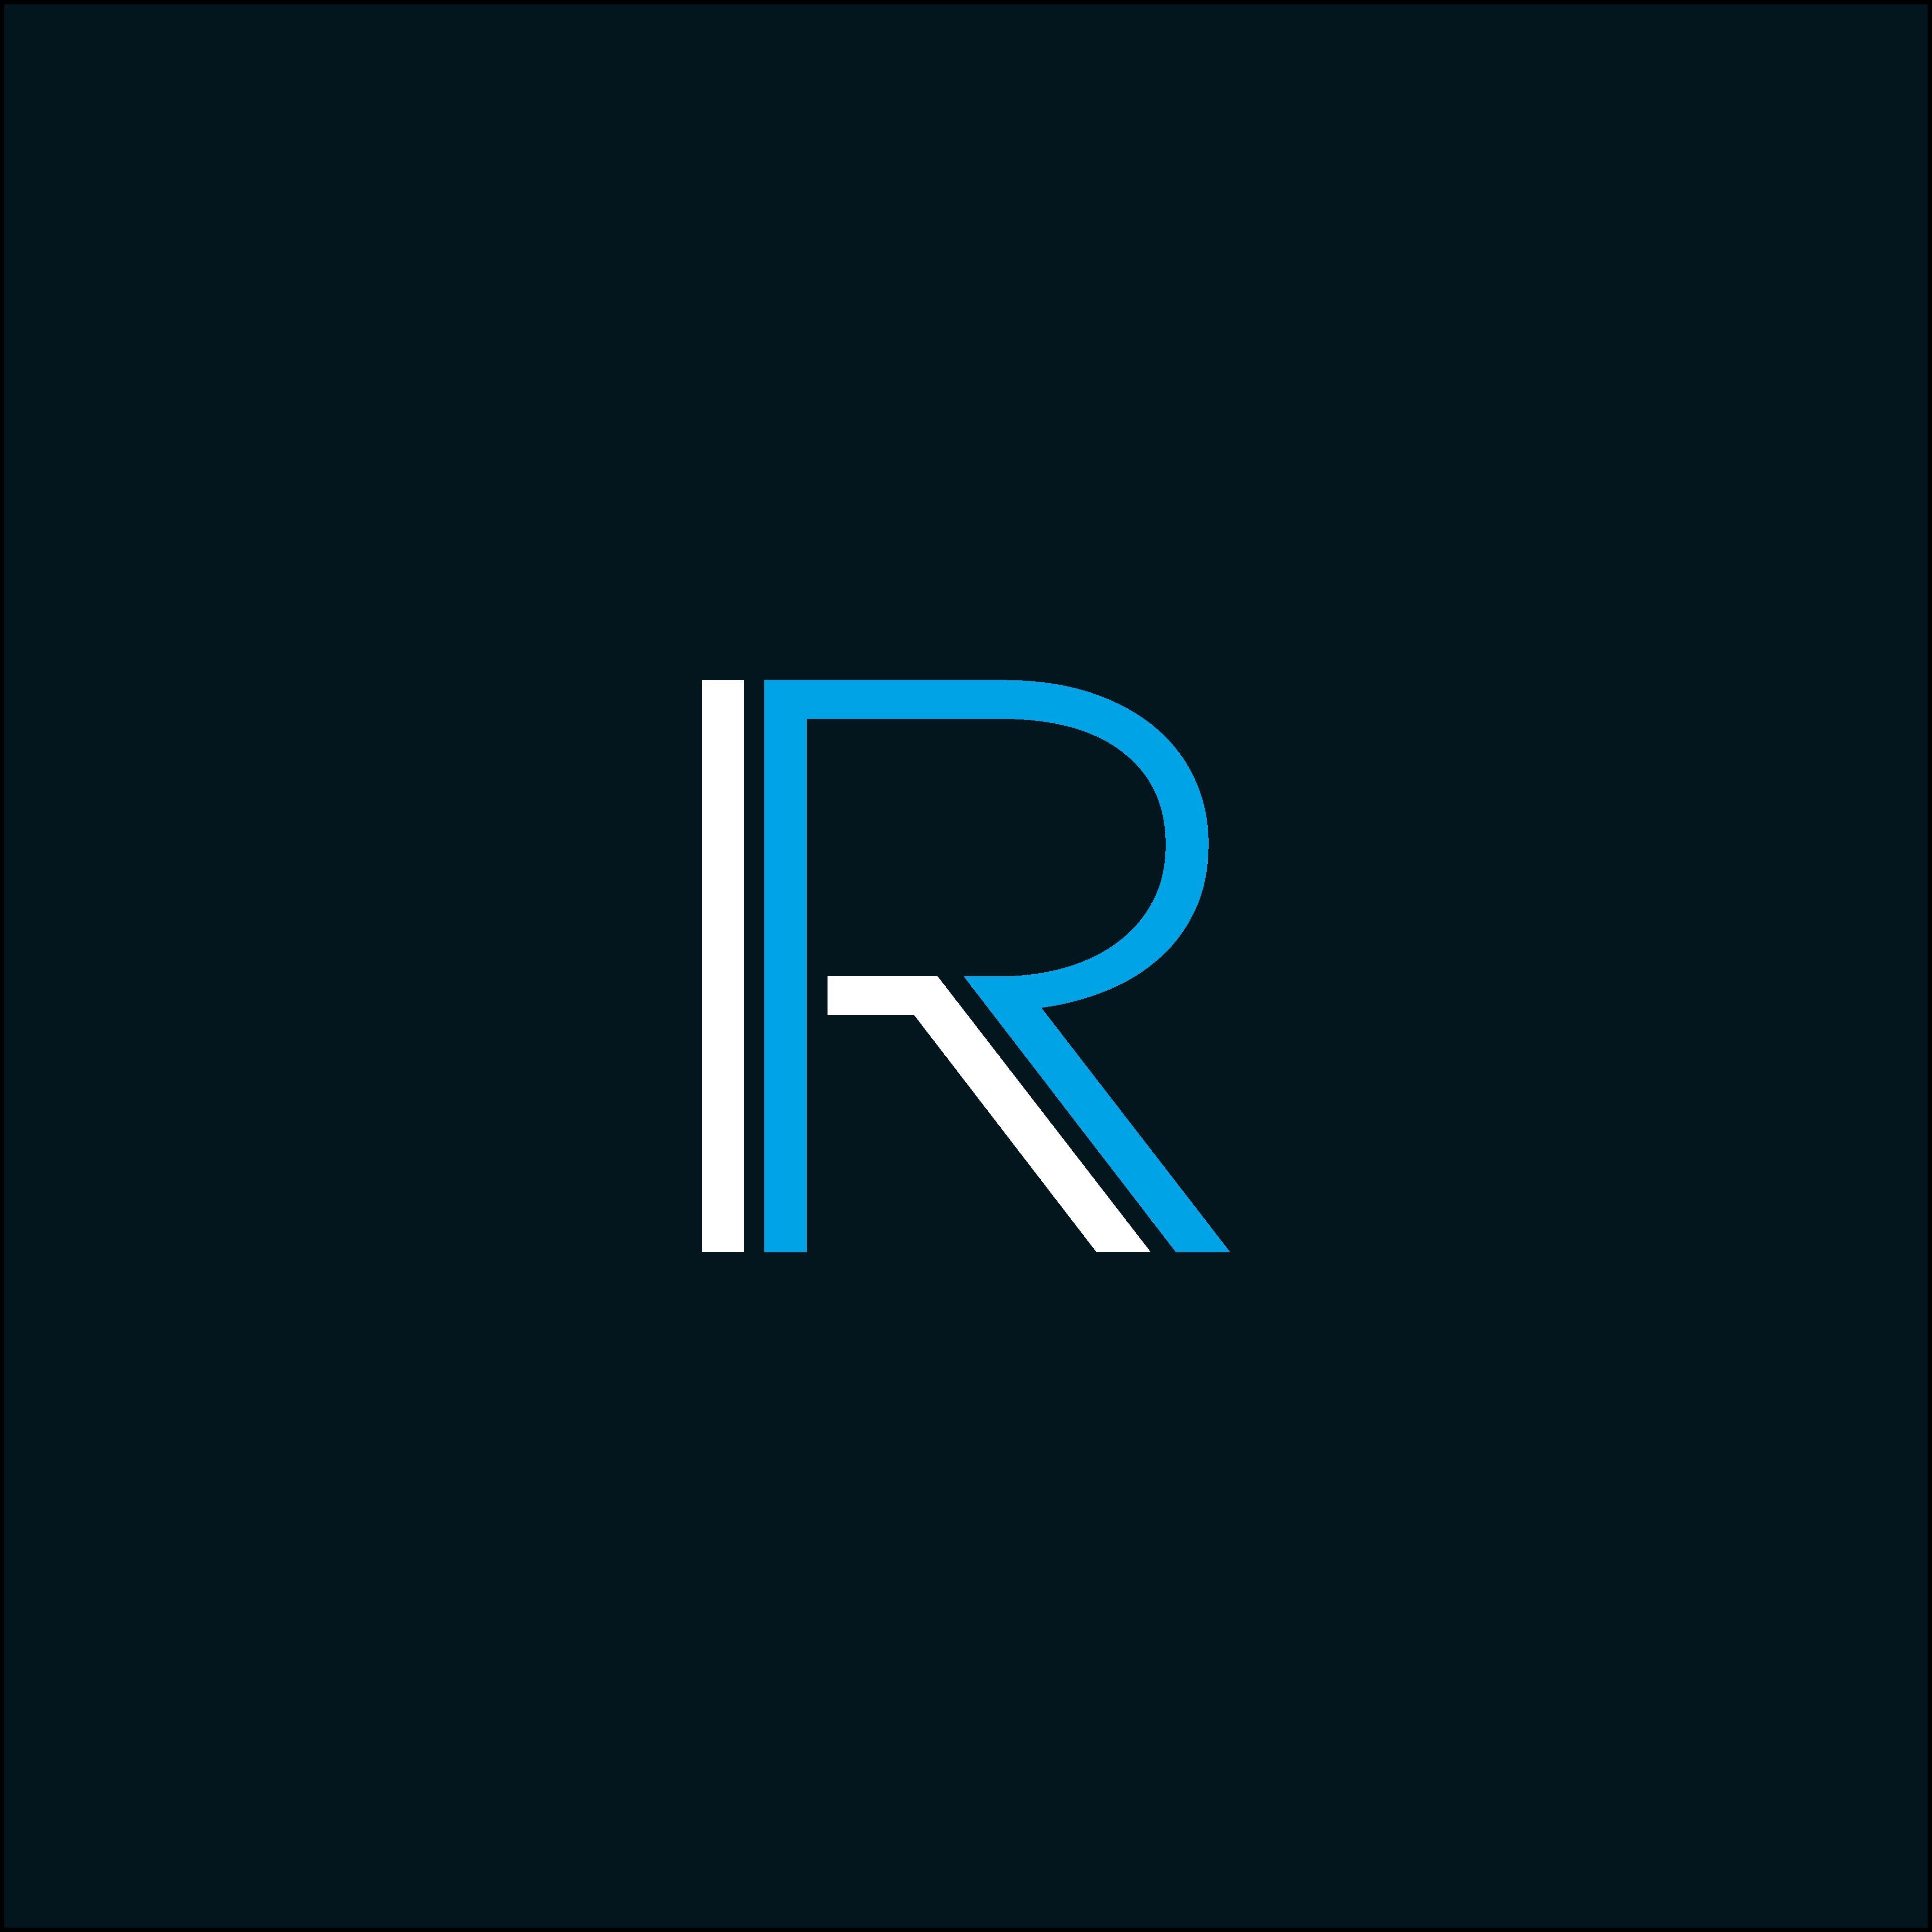 Letter R logo vector. RR logo Logotipos, Letras